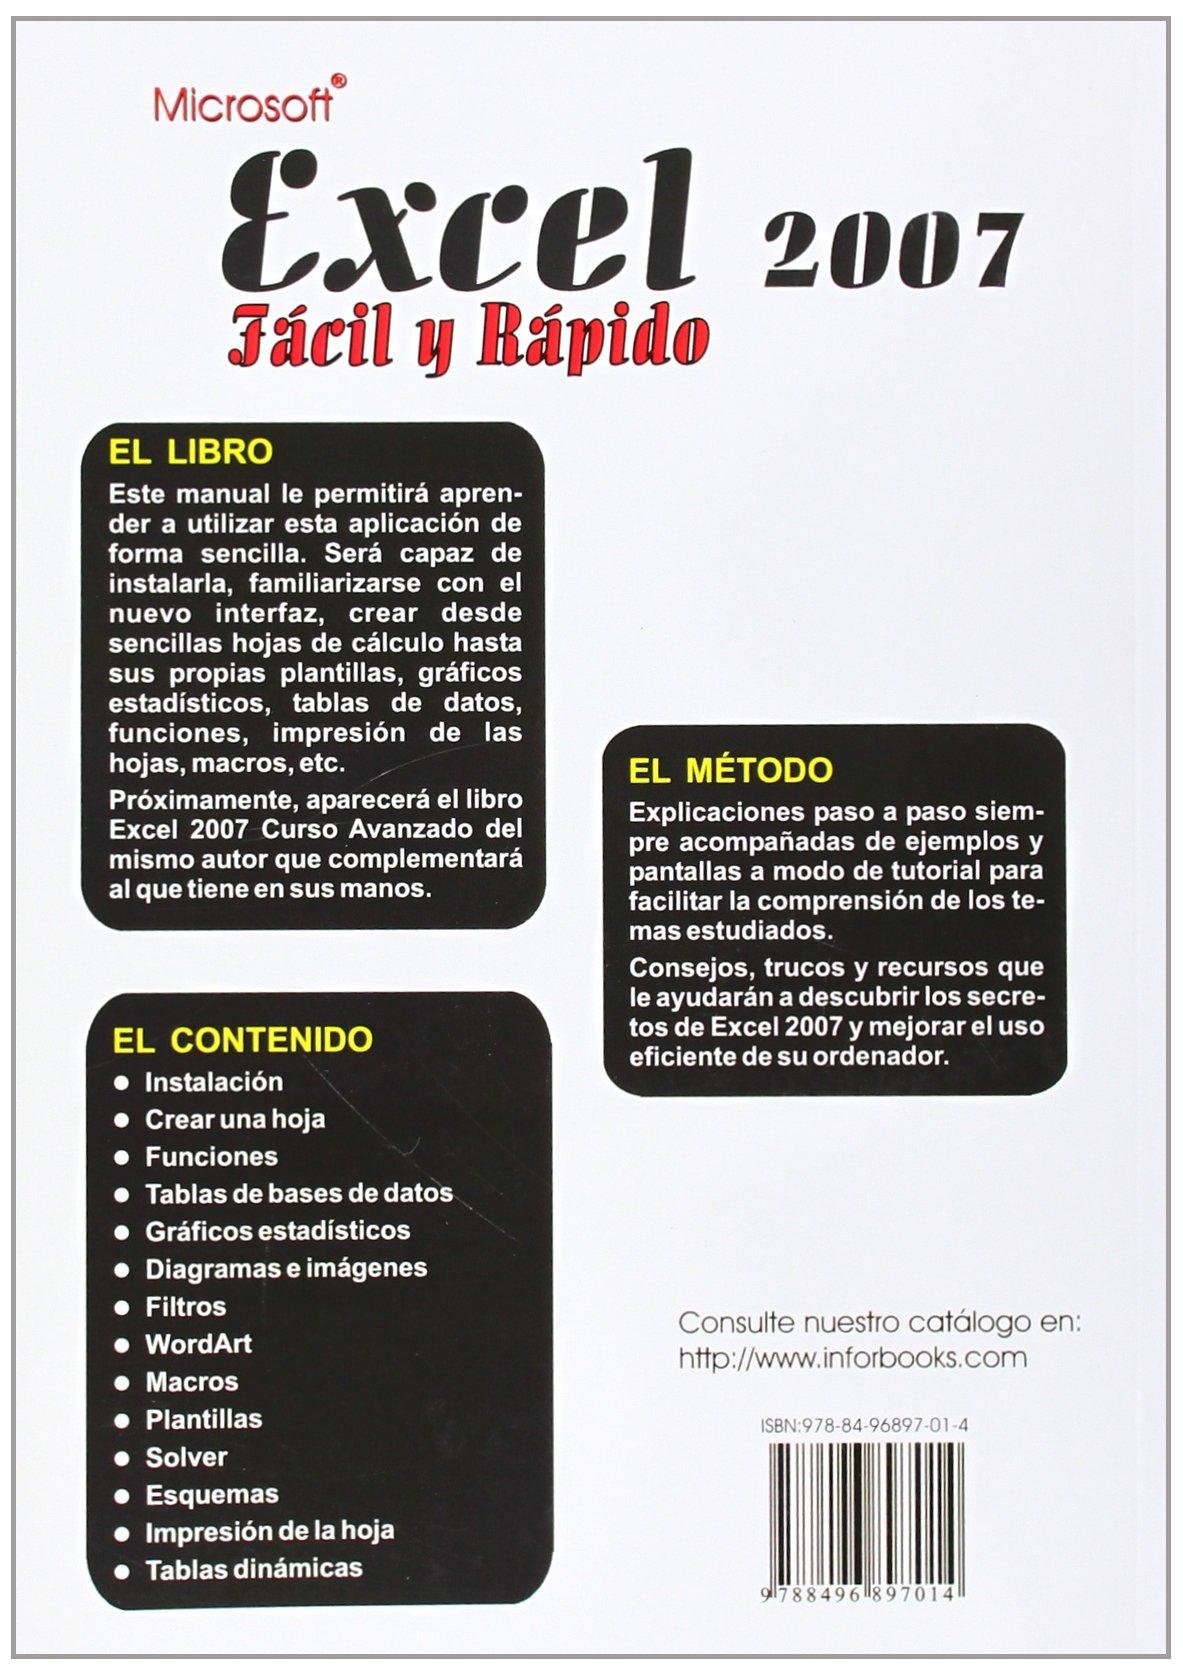 Dorable Reanudar Las Hojas De Trucos Componente - Ejemplo De ...